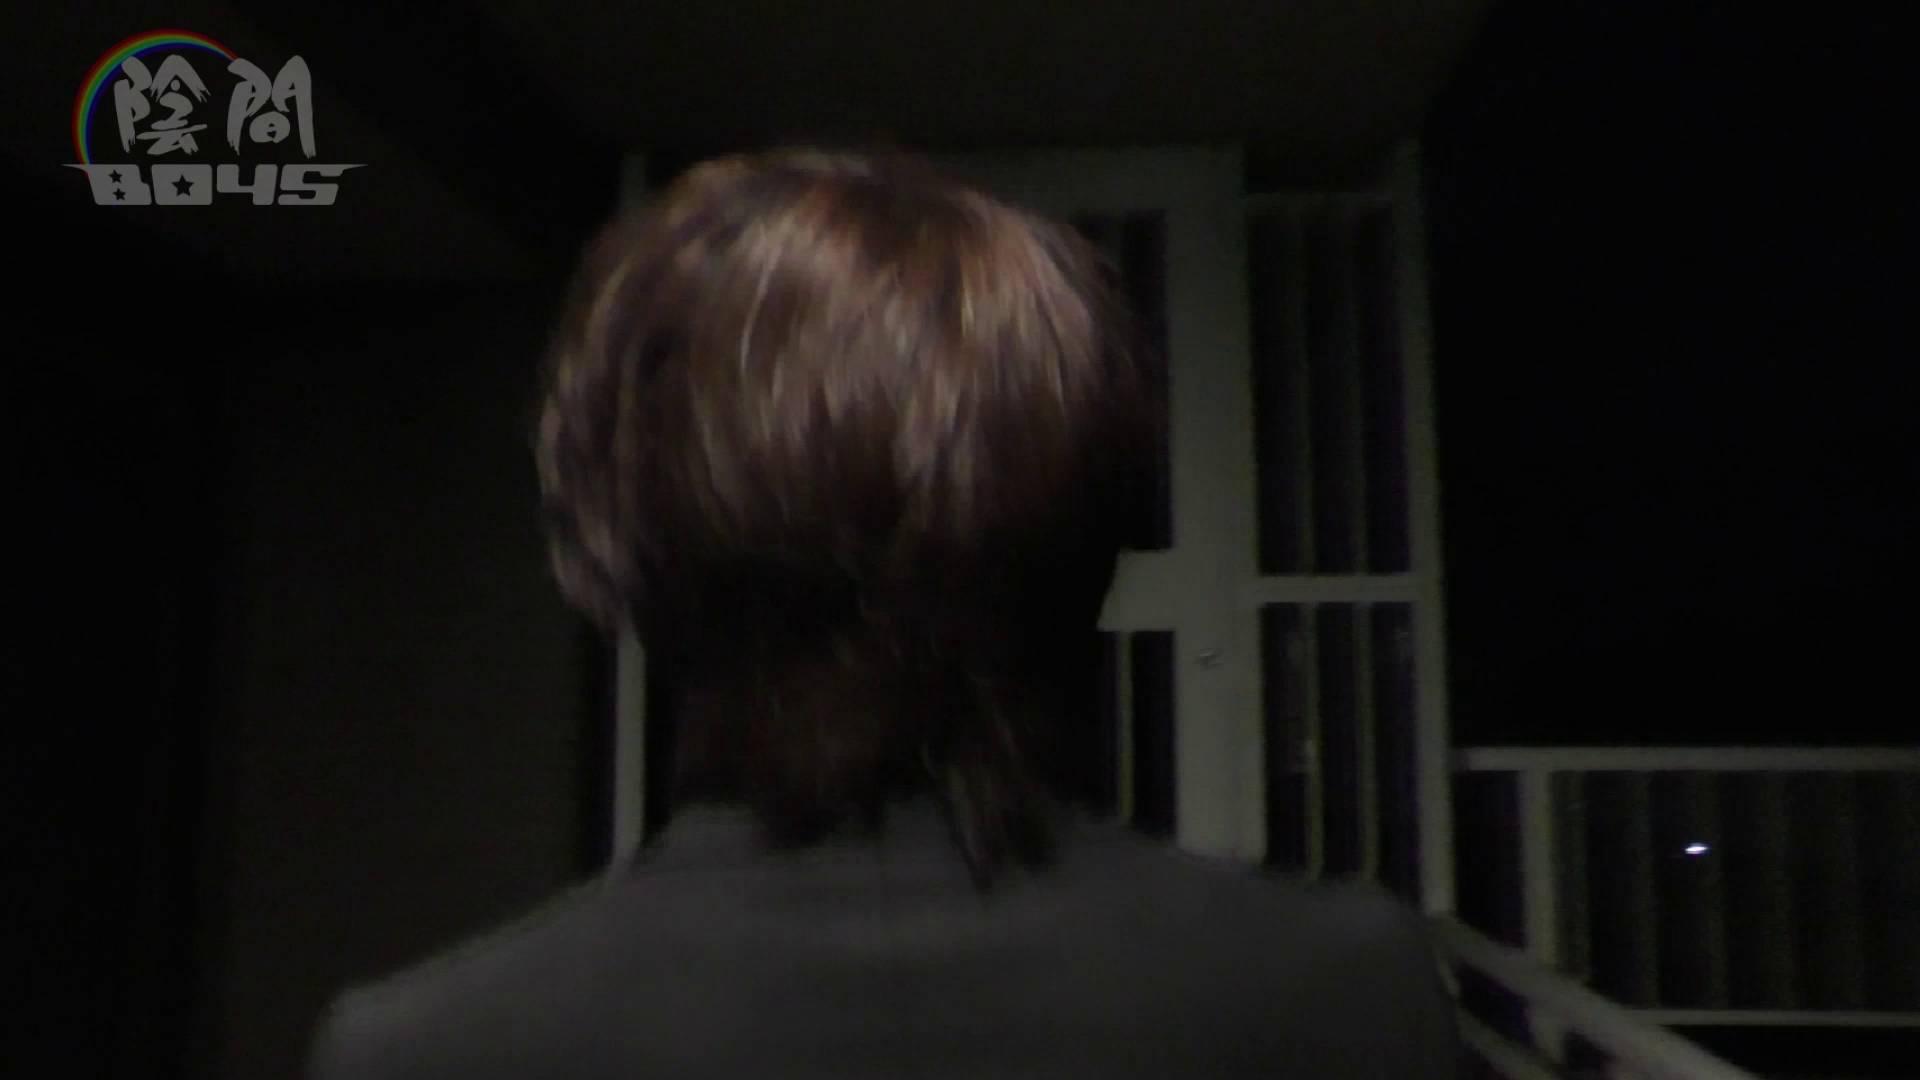 ゲイ 肉棒 動画|ホストのお仕事1~vol.6  罰は痛~いアナル挿入|オナニー